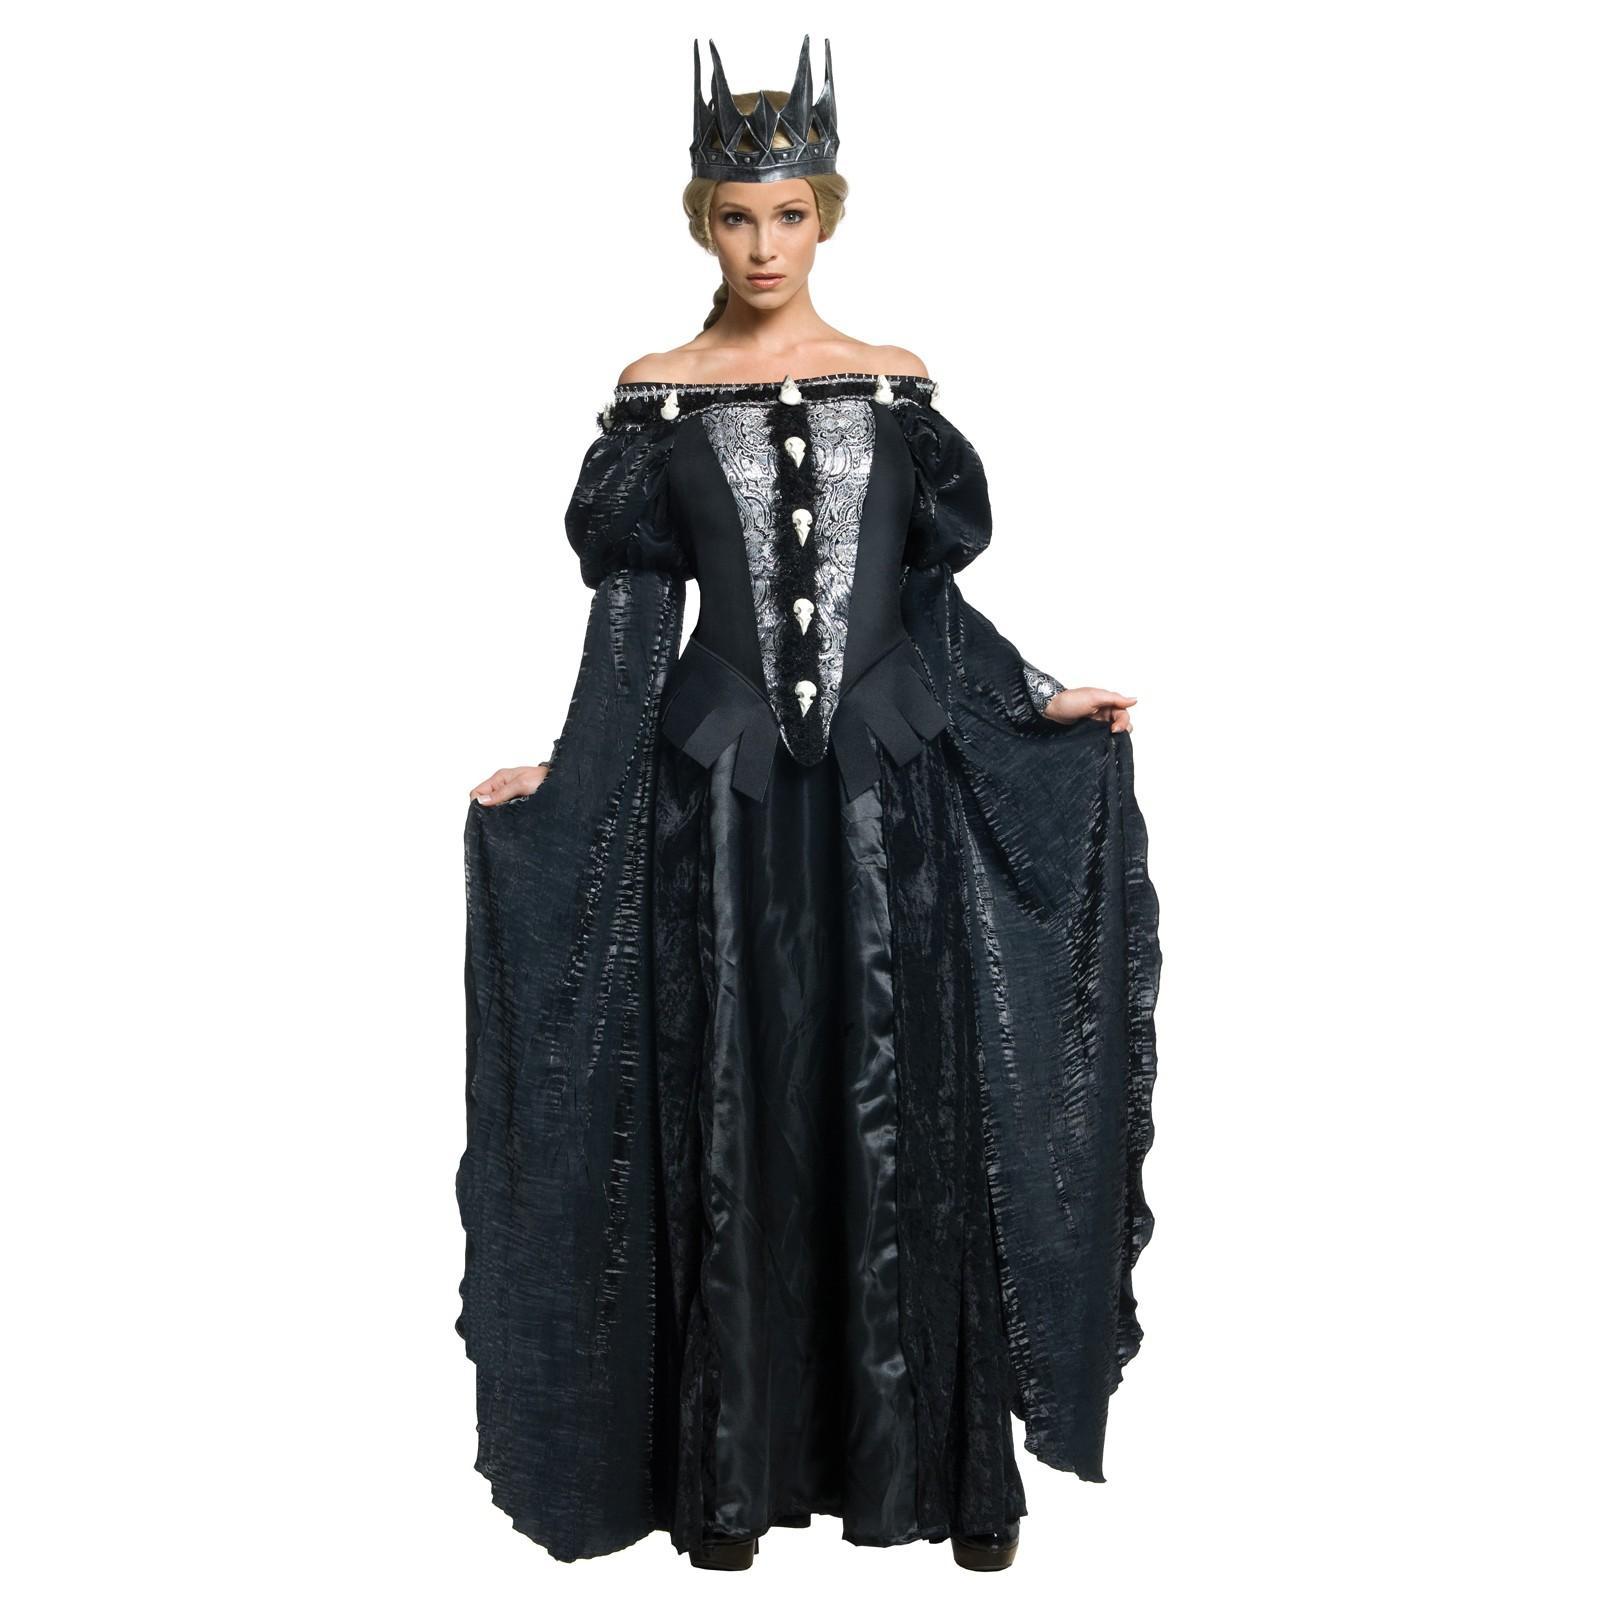 The Huntsman: Winter's War Deluxe Queen Ravenna Adult Costume - Large